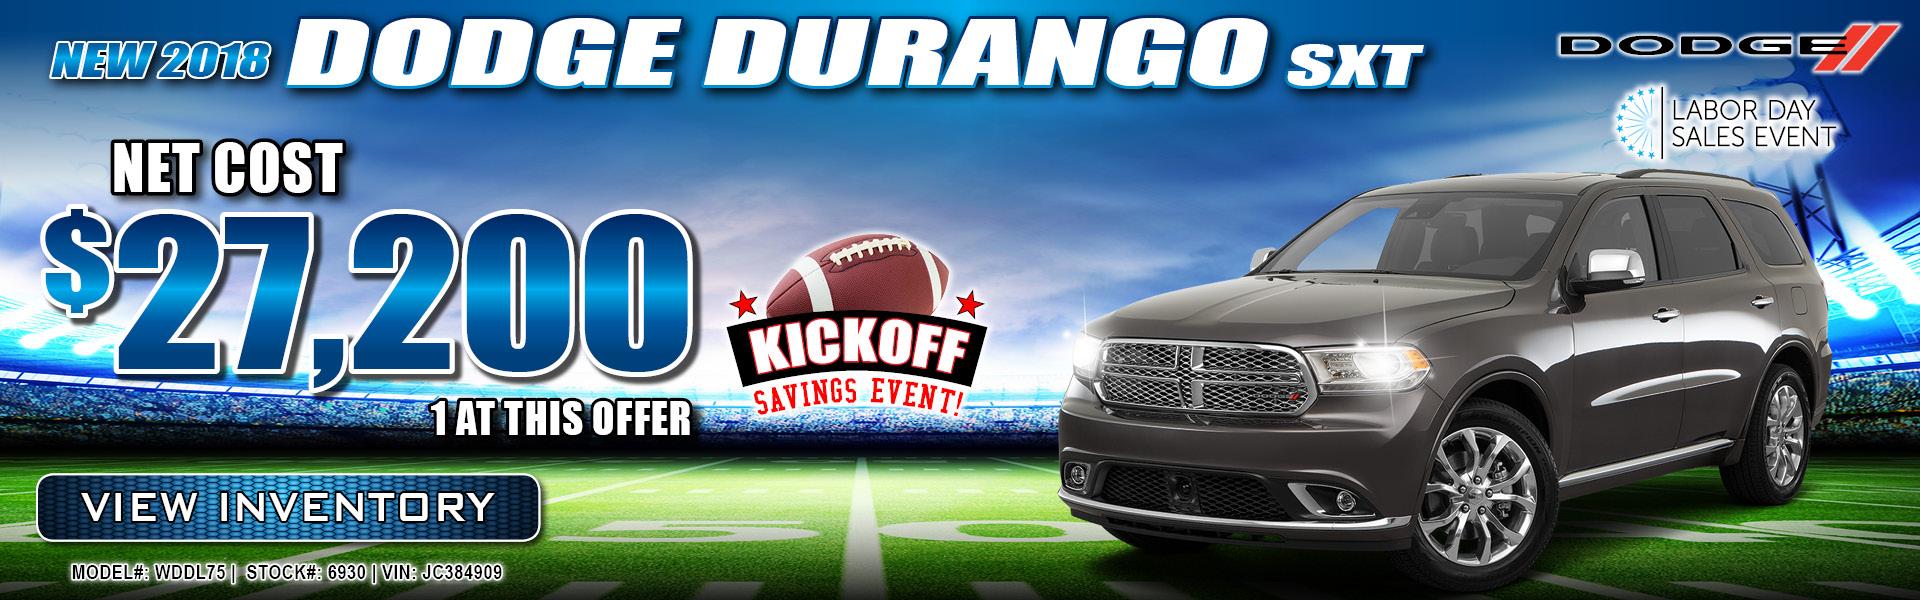 Dodge Durango $27,200